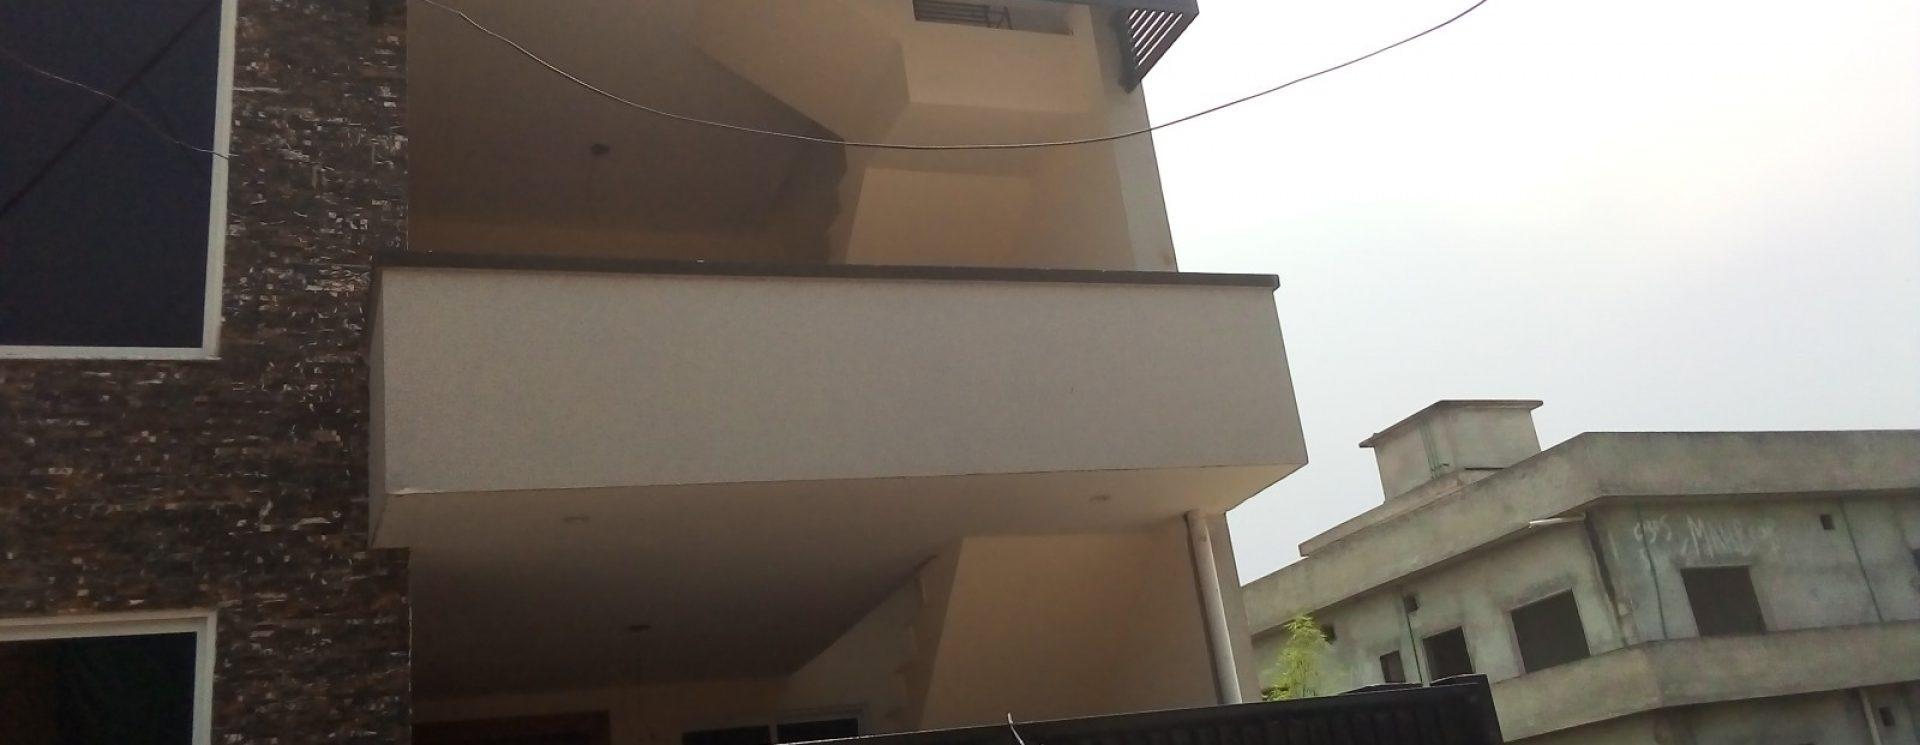 5 marla new house for sale in h-block soan garden.